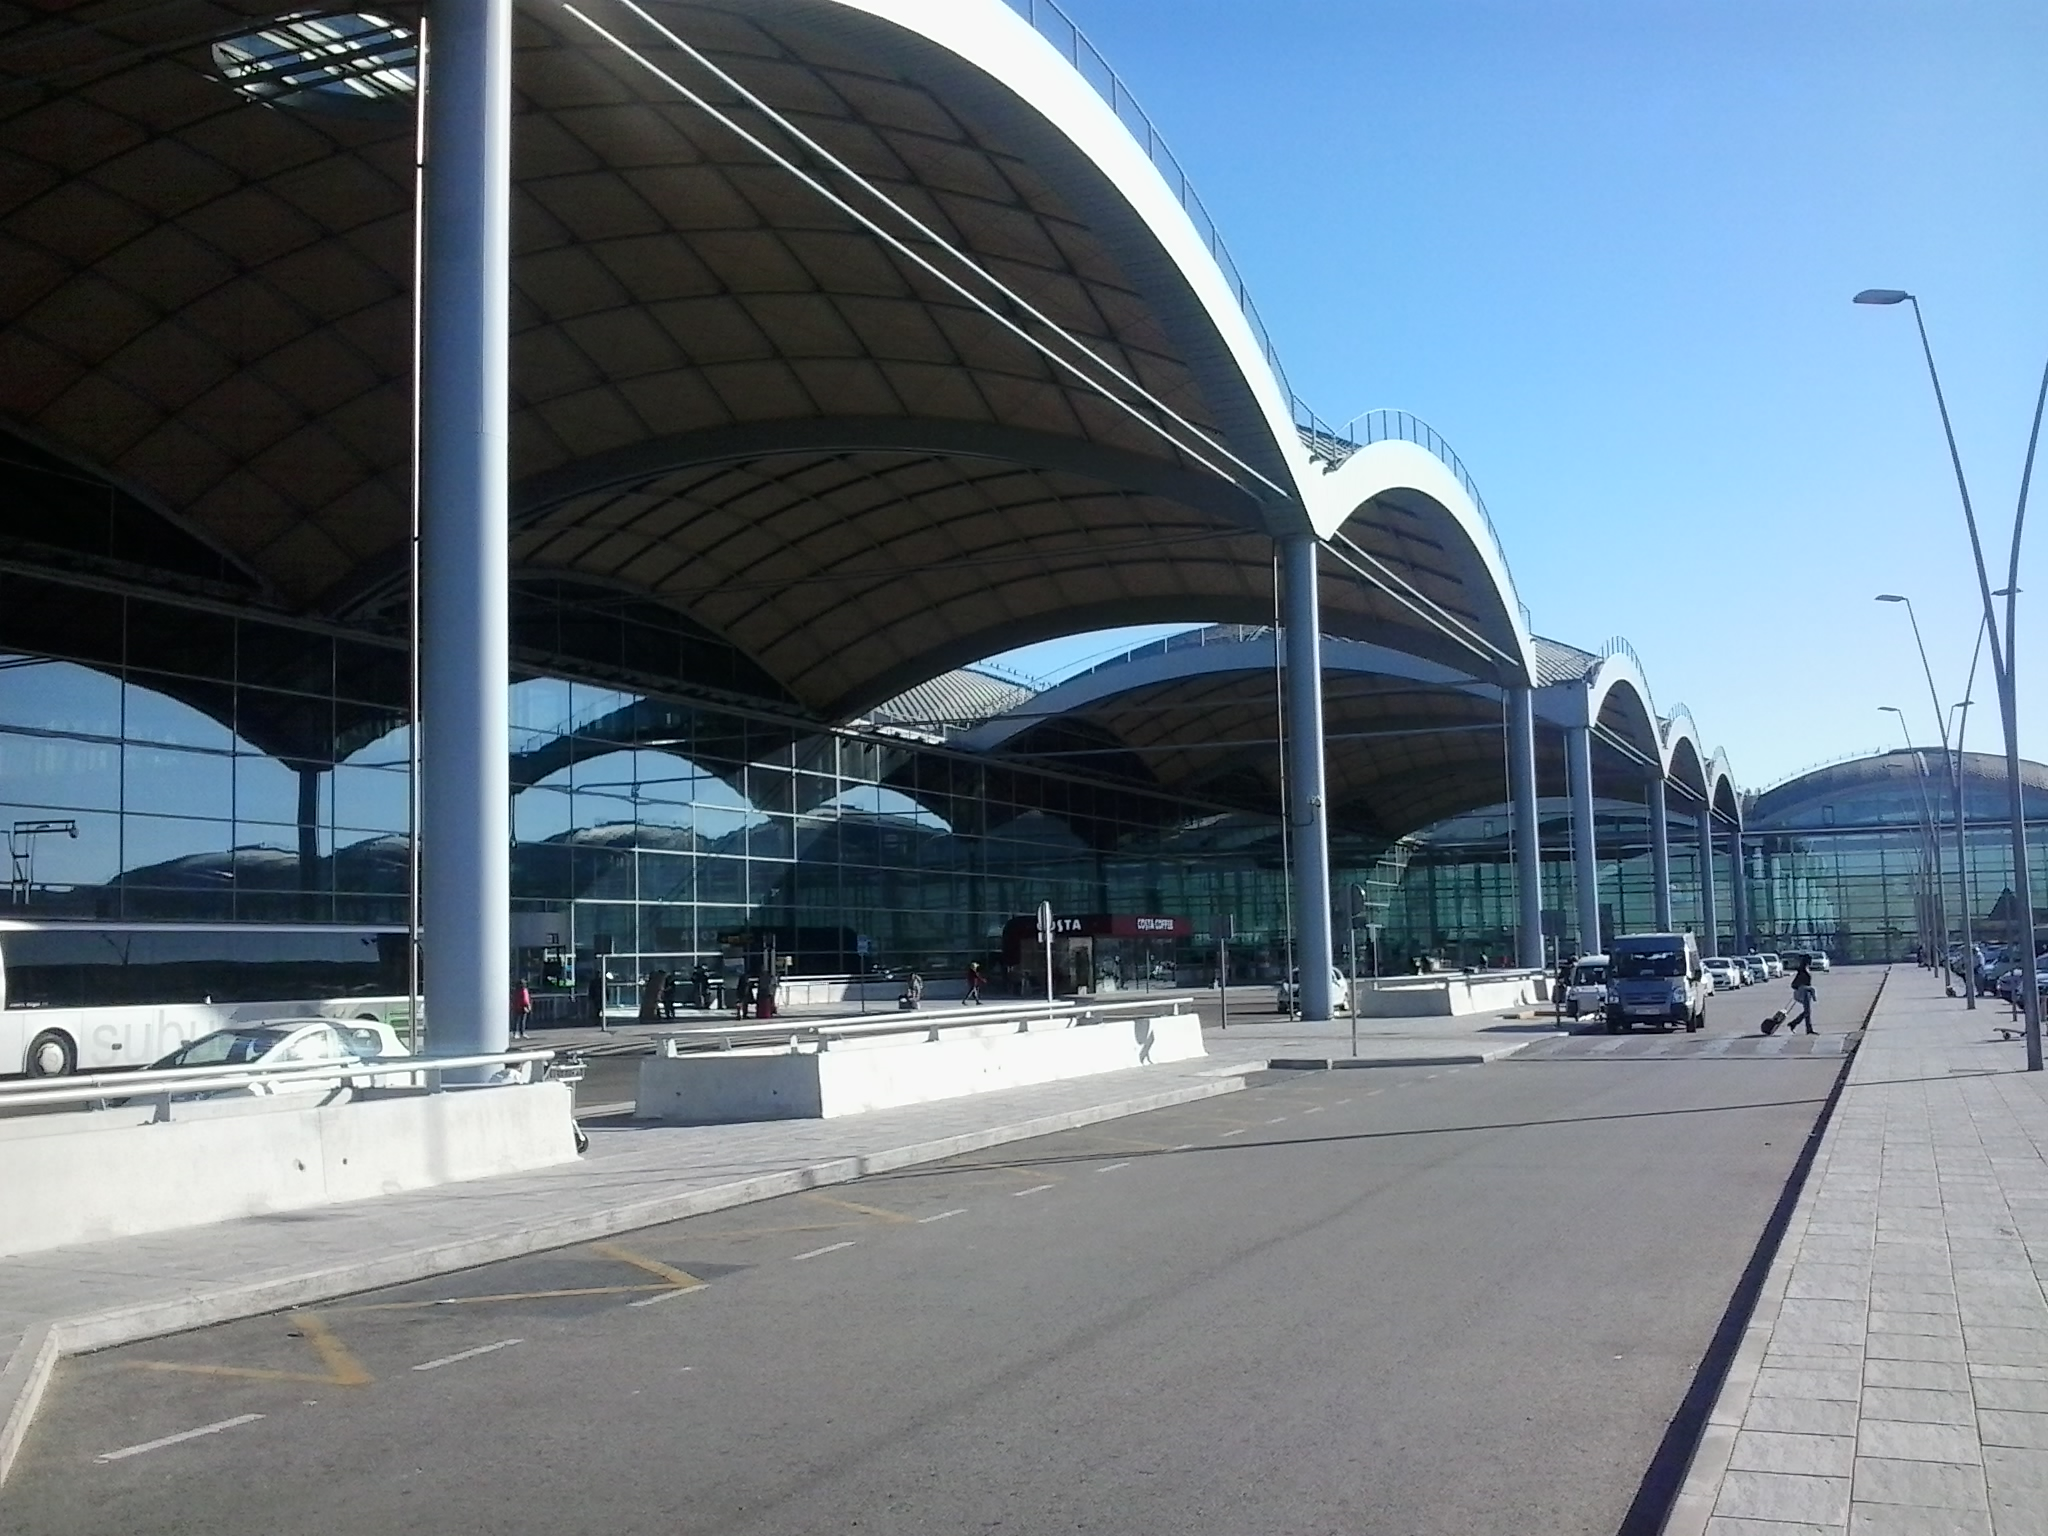 Aeroporto Alicante : Del aeropuerto al centro como llegar desde un